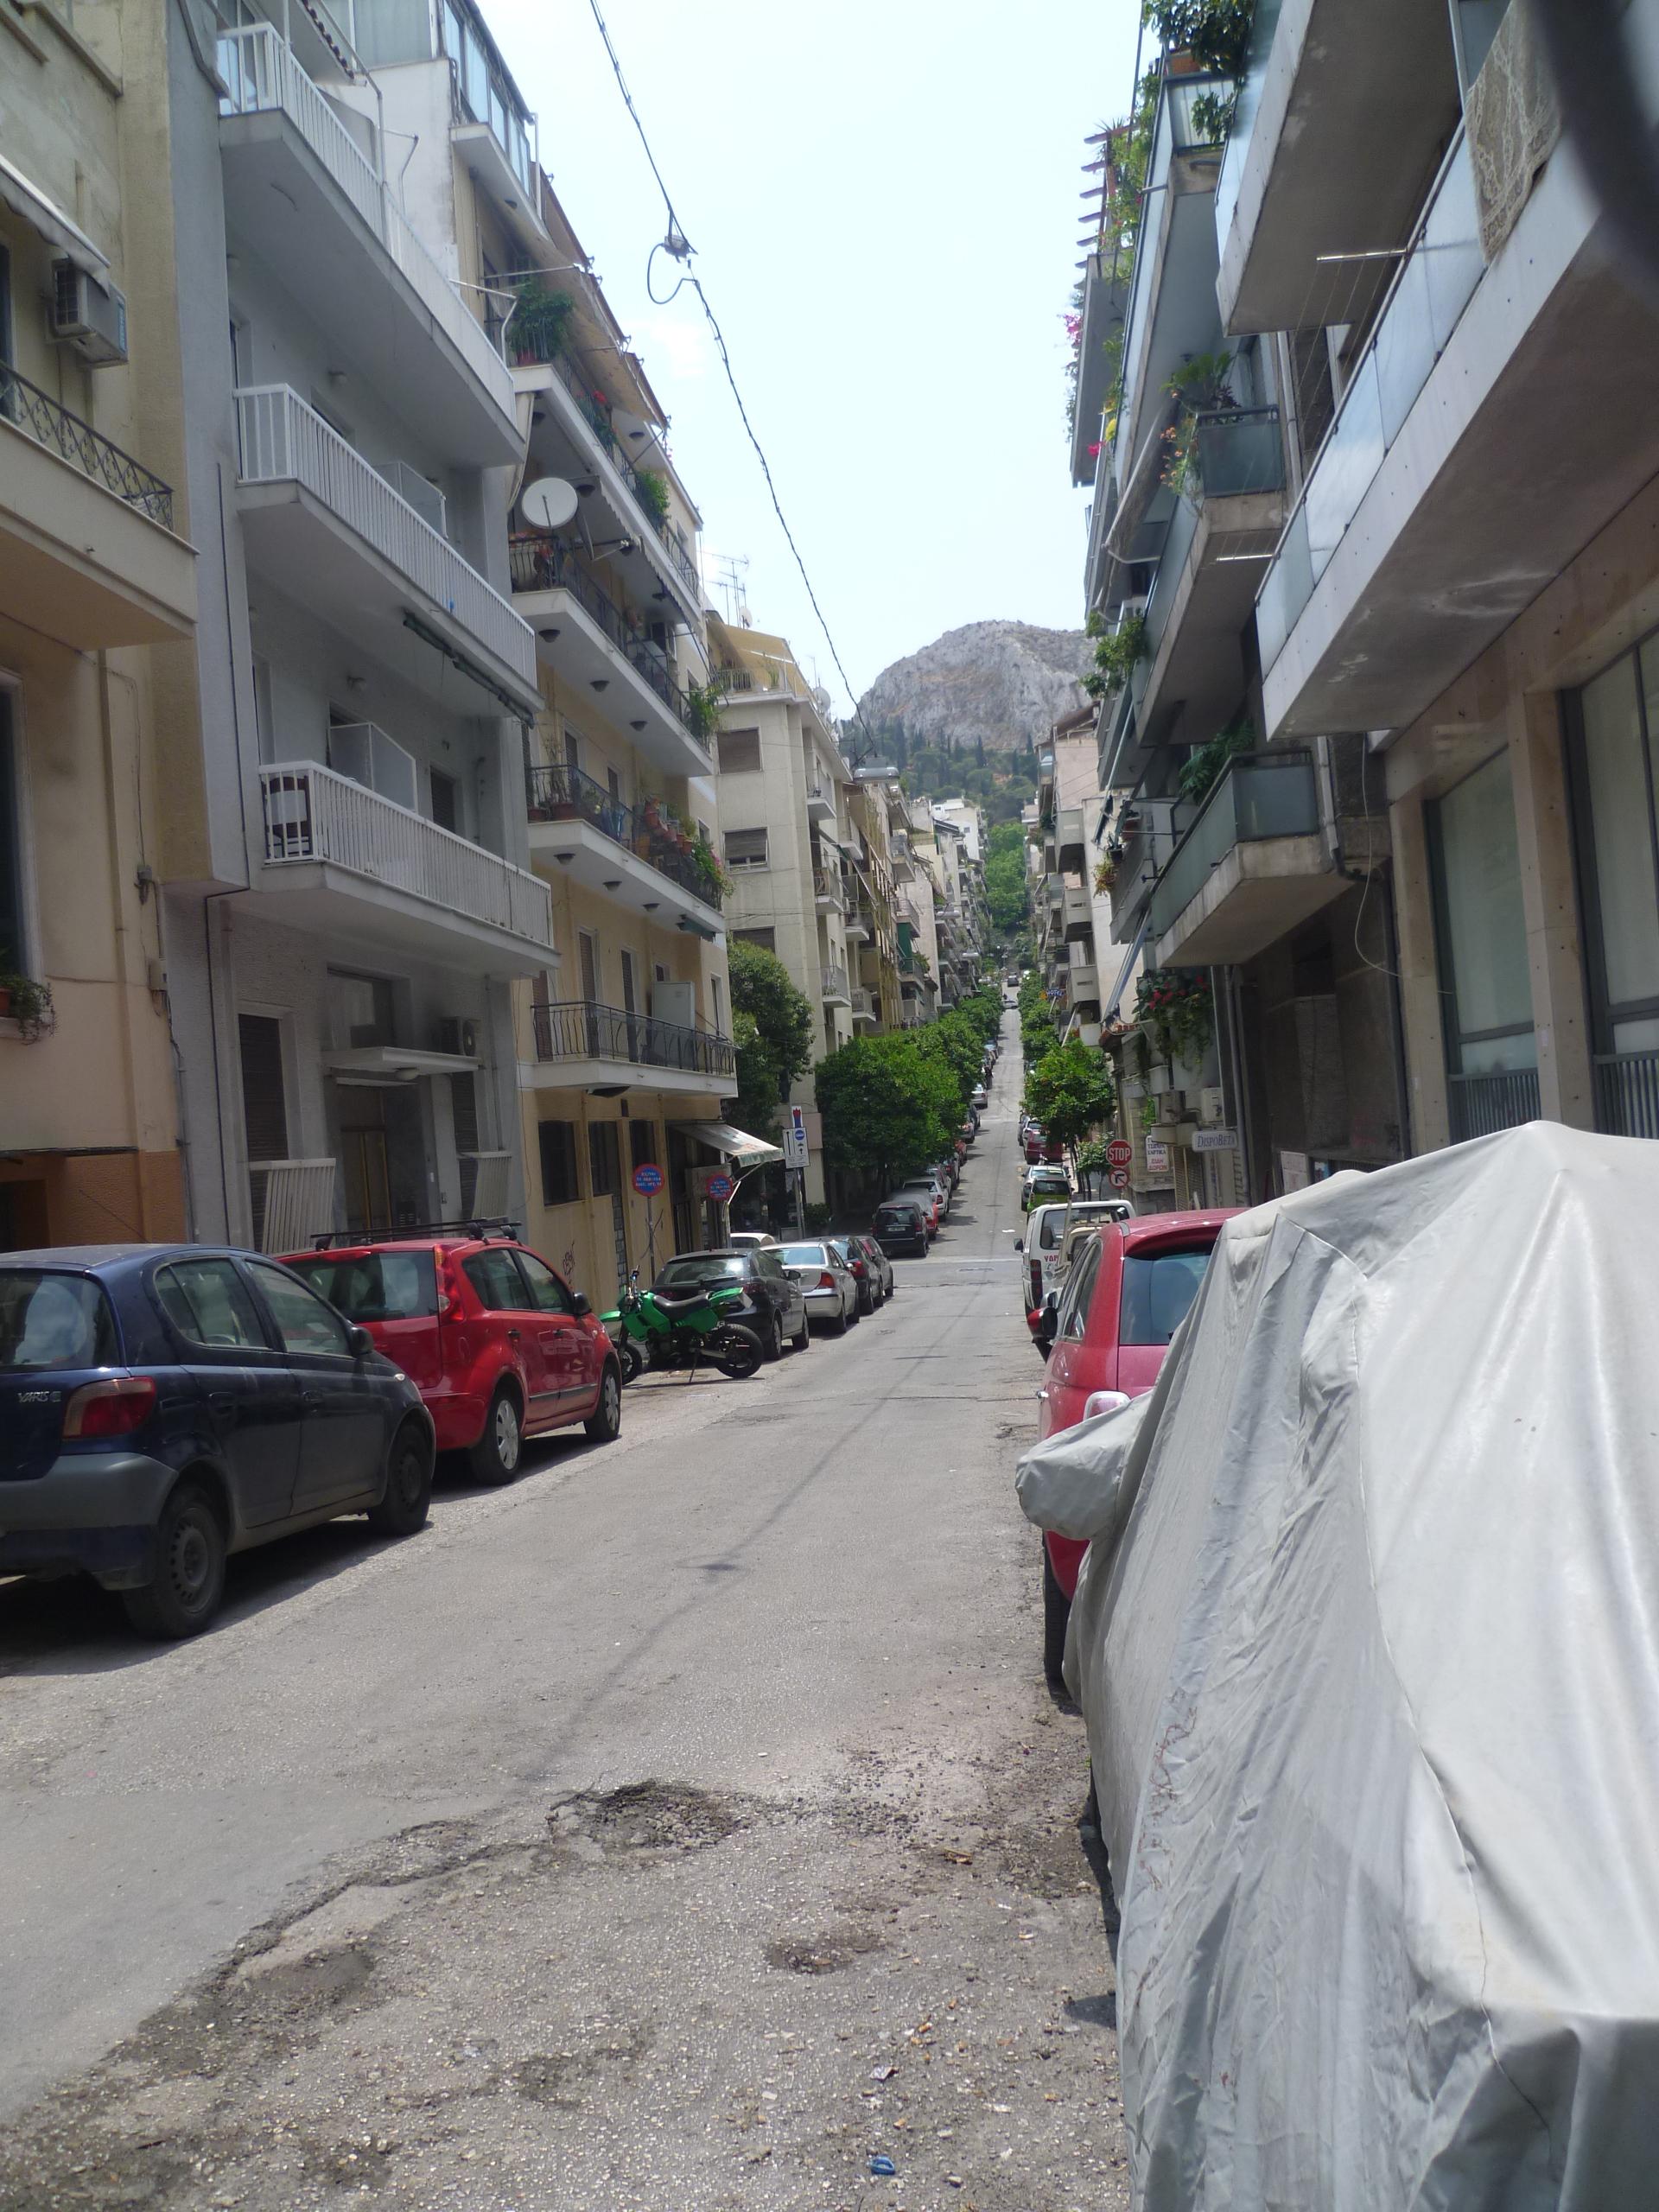 Eine Strasse die durch Athen einen Berg hoch führt. Sie ist Kilometerweit einzusehen. Links und rechts parken Autos. Kein Mensch ist zu sehen.